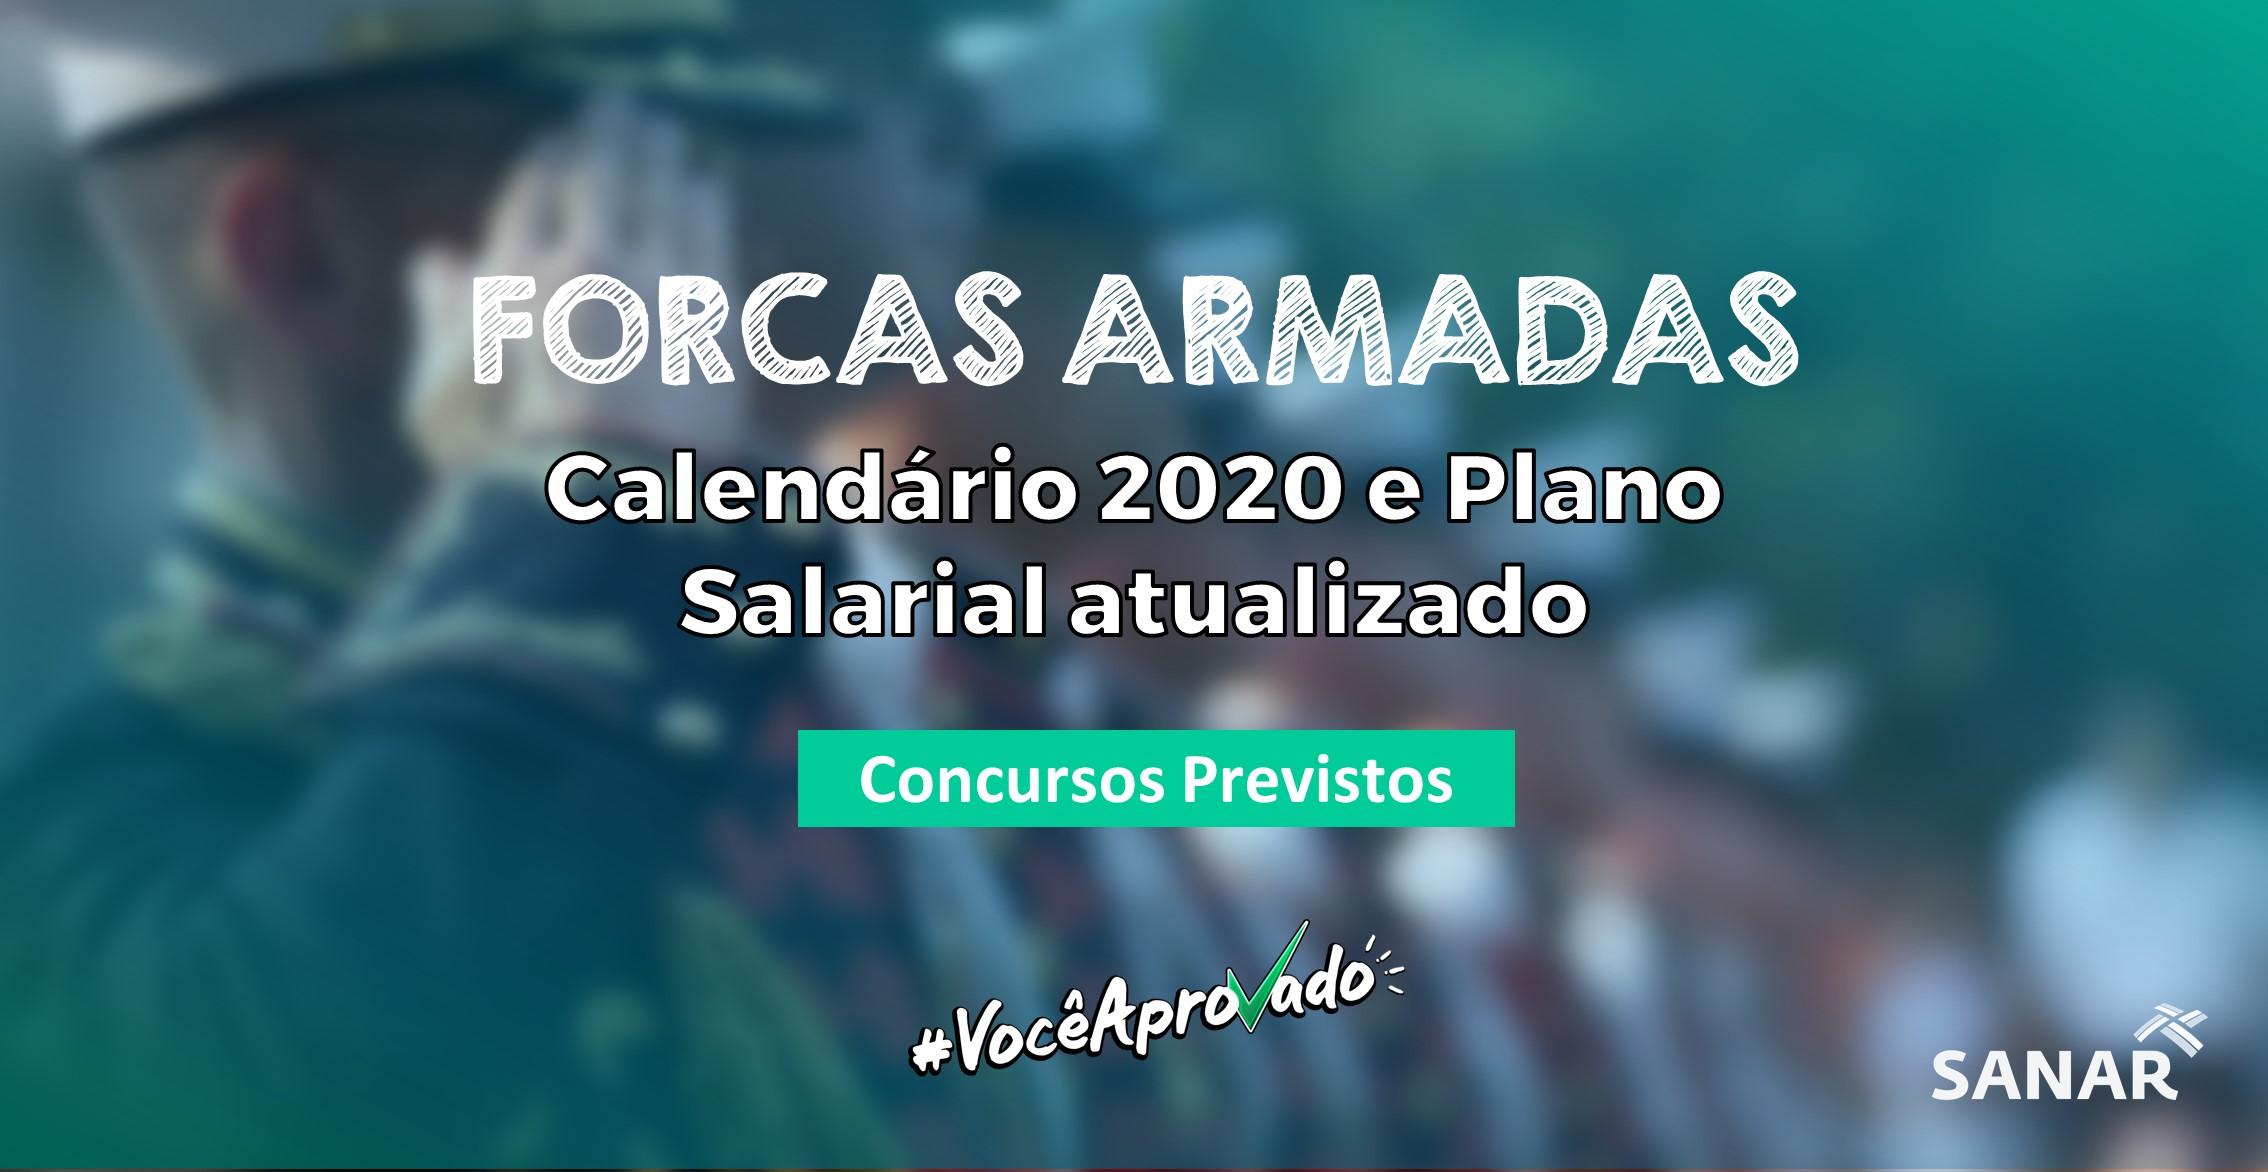 Concurso das Forças Armadas 2020: Calendário e Plano Salarial Atualizados!